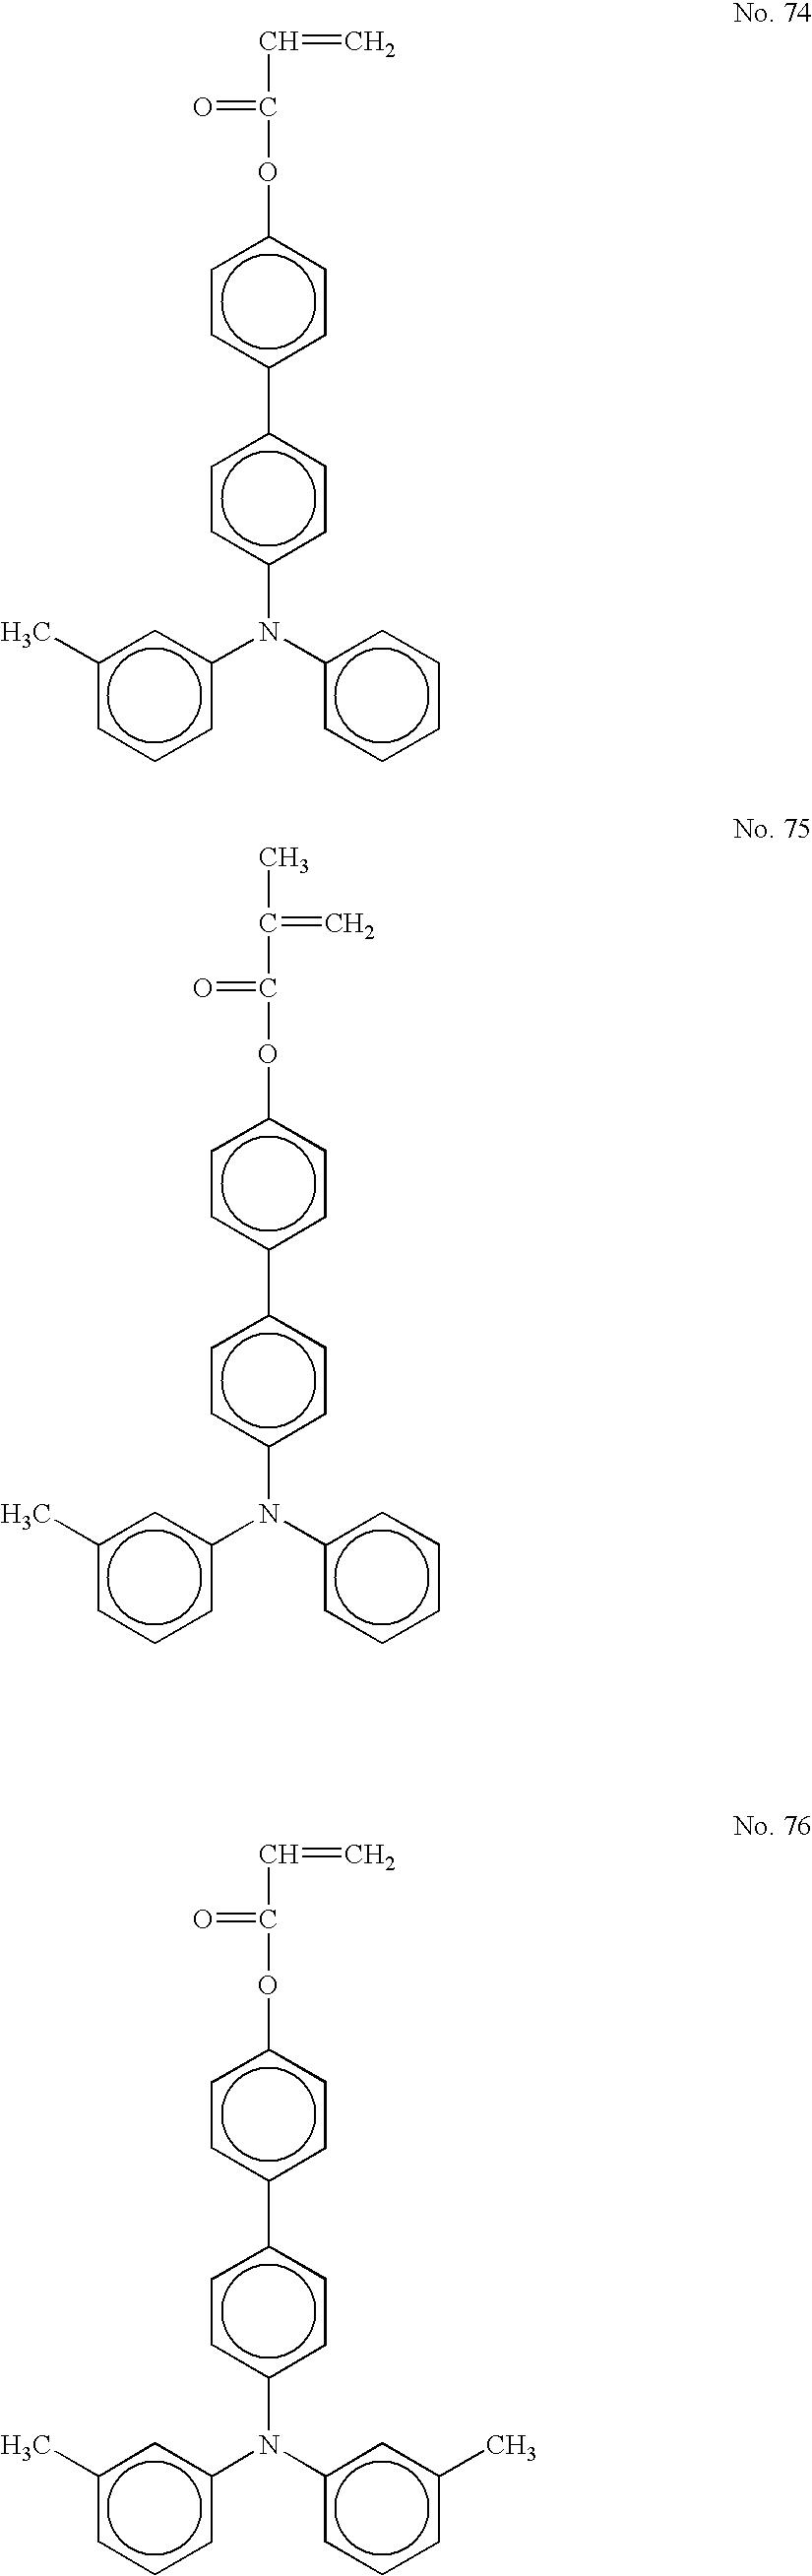 Figure US20050158641A1-20050721-C00038